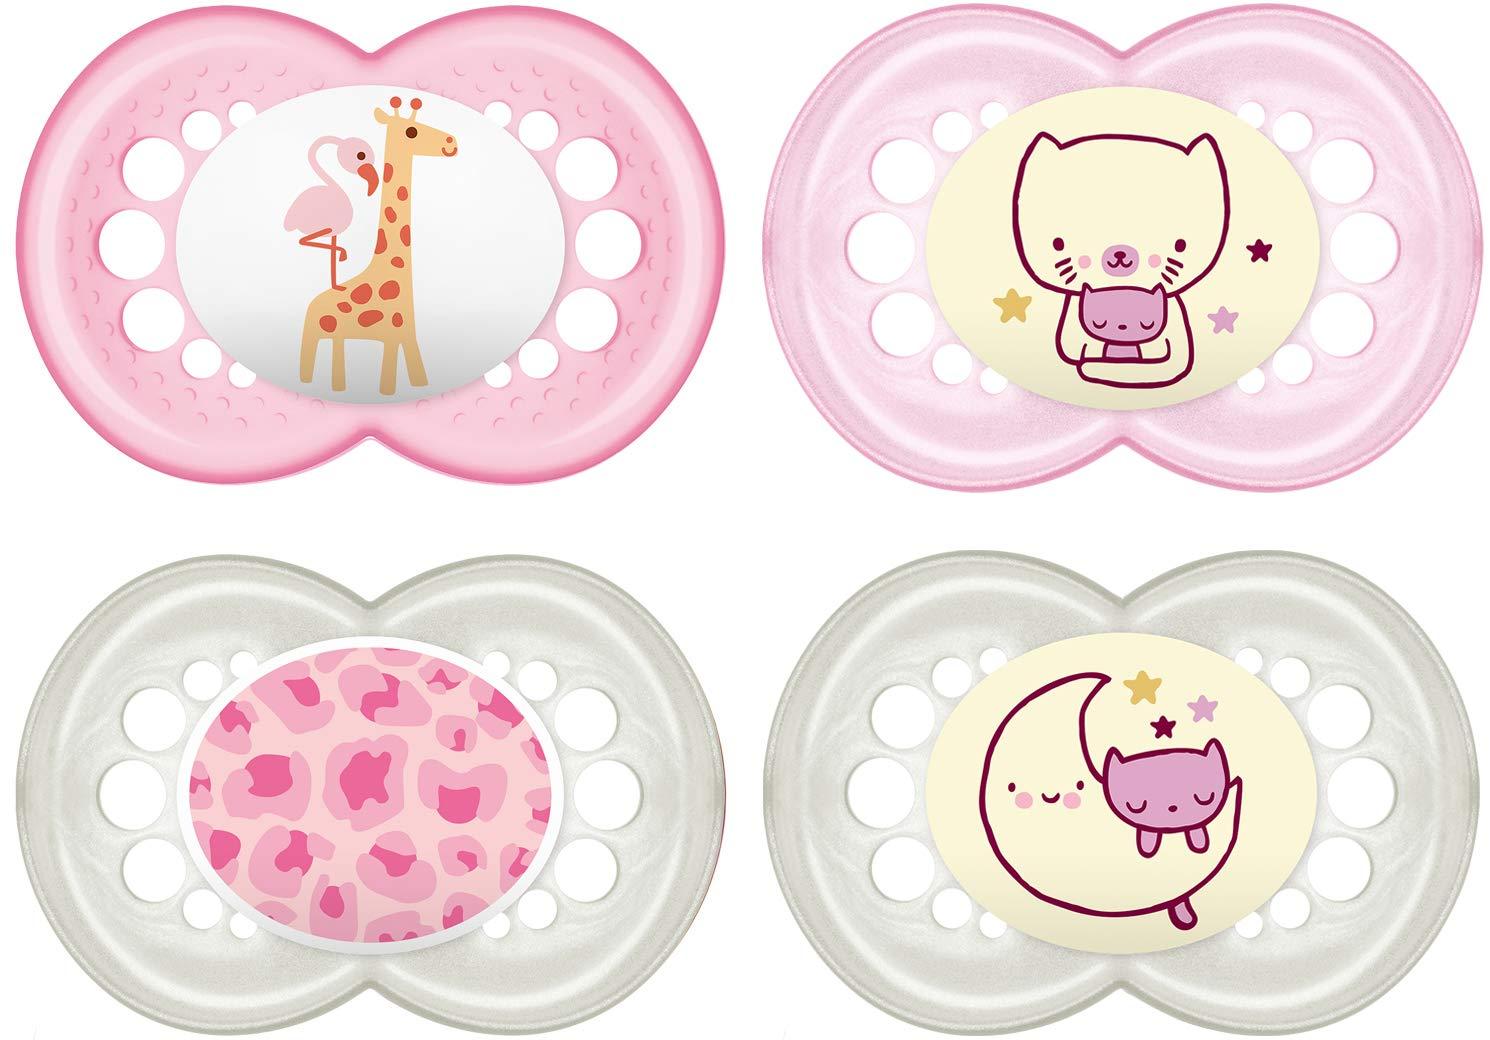 MAM Baby Products 99970022 Día y Noche Chupete - Establecer 6-16 ...